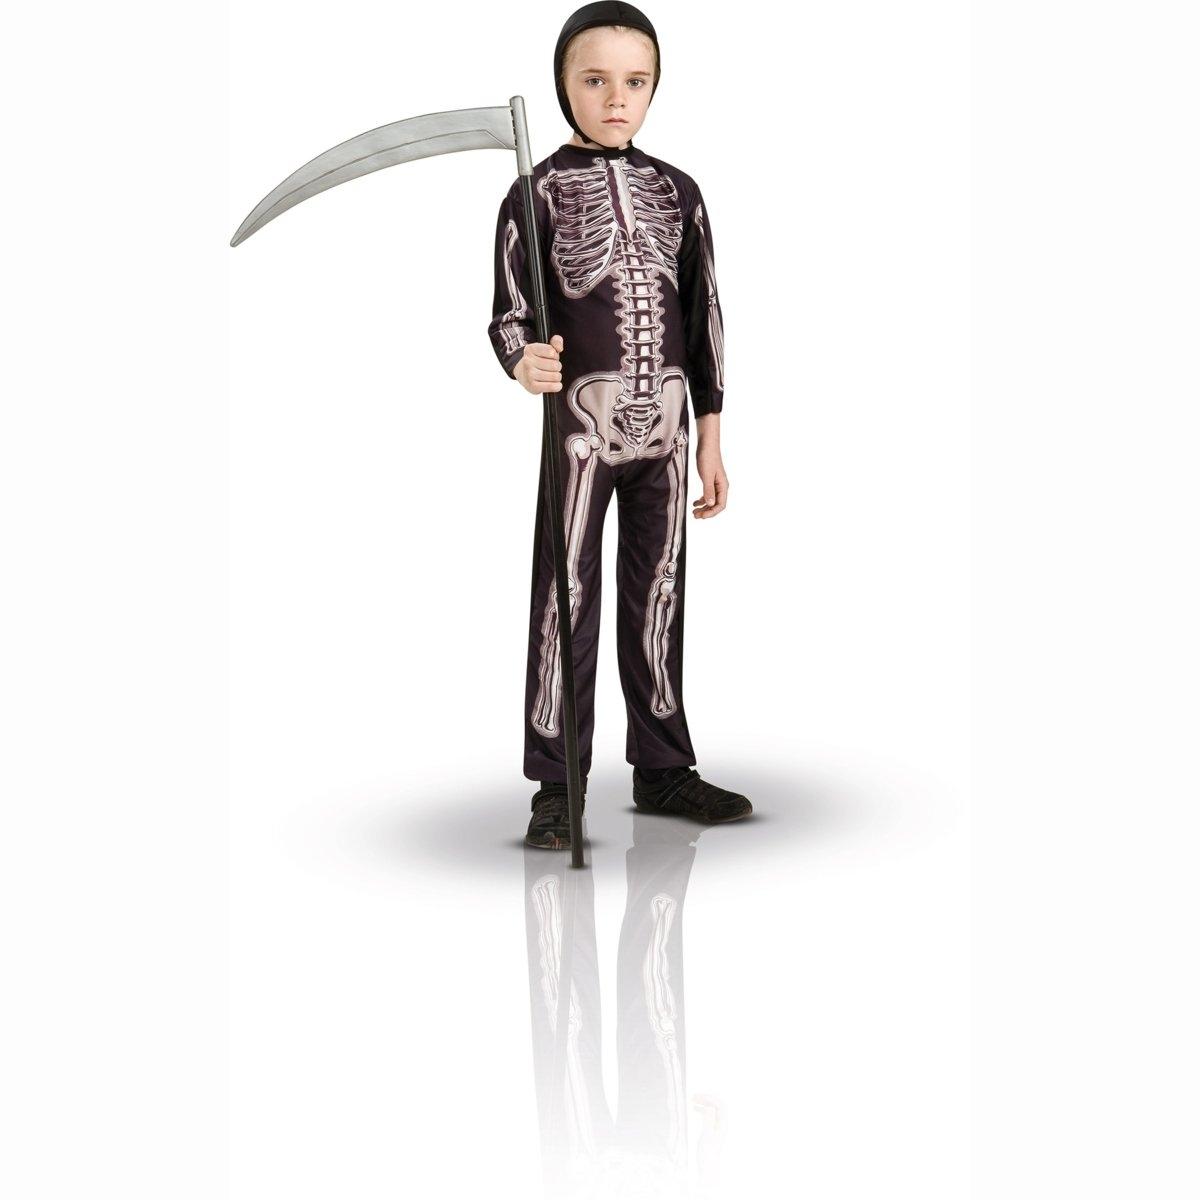 Маскарадный костюм скелетМаскарадный костюм скелет. Комбинезон без застёжки с рисунком скелет, чёрный капюшон. 100% полиэстераS: соответствует размеру на  3-4 года. M: соответствует размеру на  5-6 лет. L: соответствует размеру на  7-8 лет<br><br>Цвет: набивной рисунок